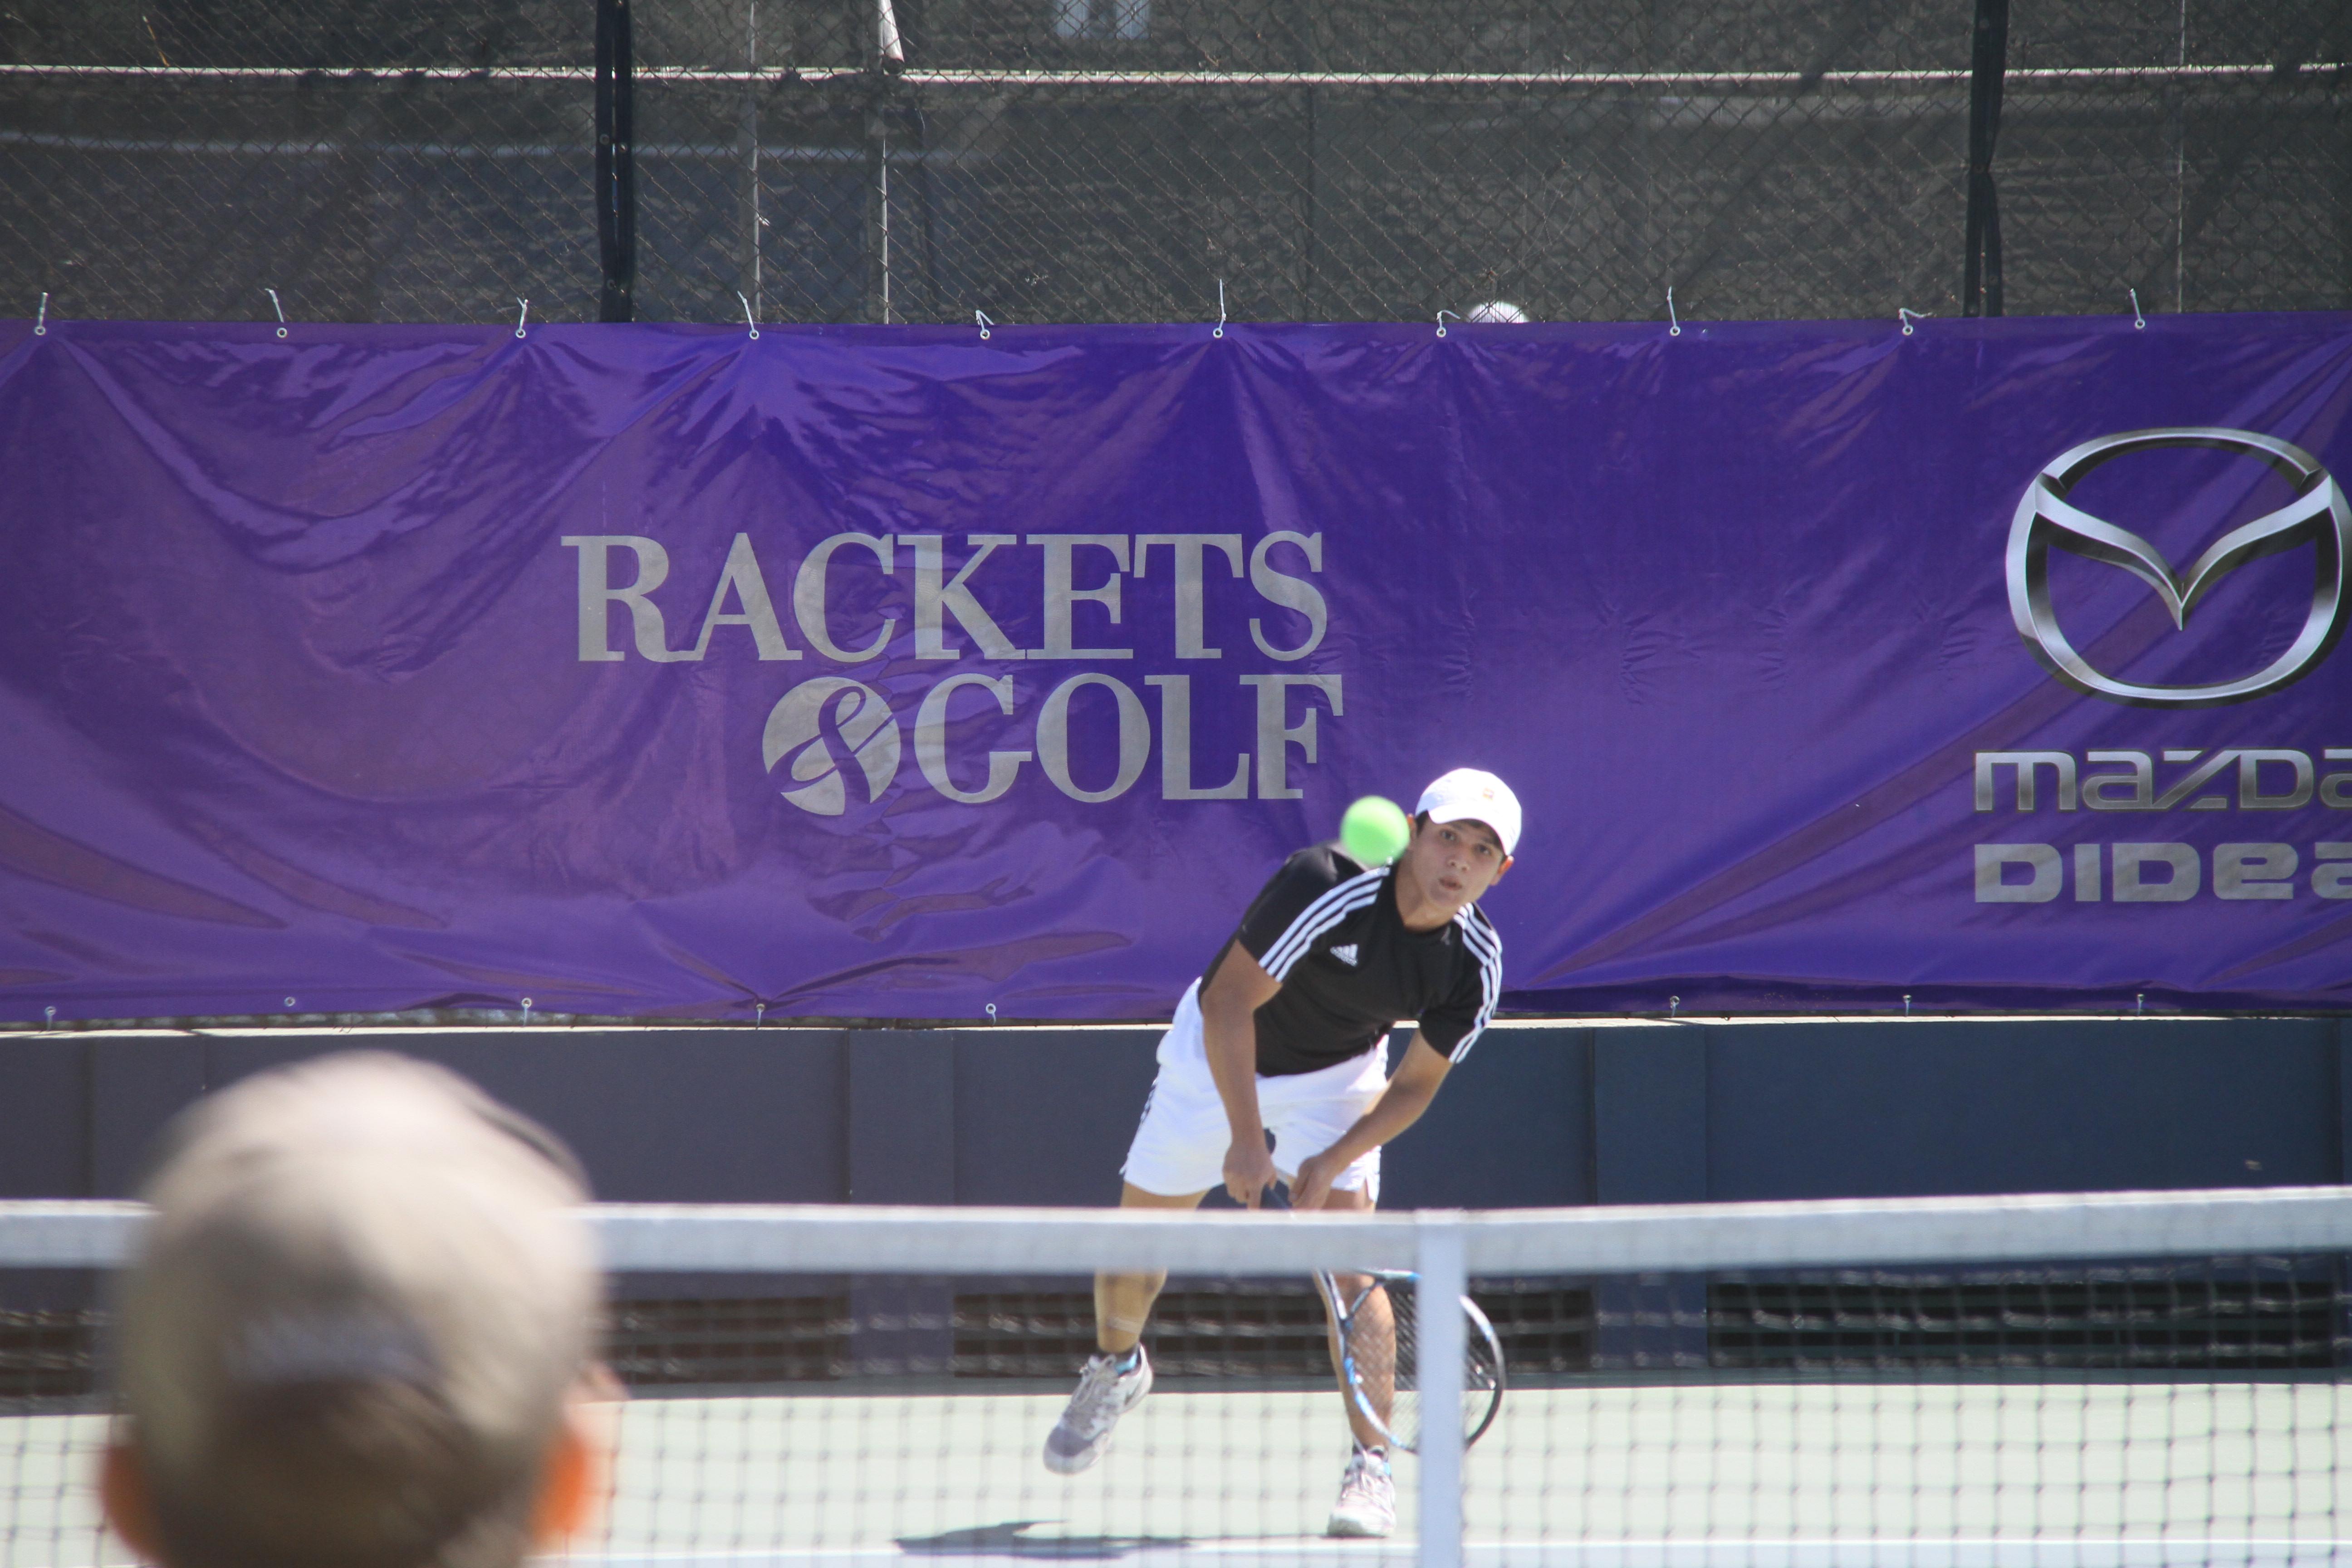 Primer Ranking de tenis: Emanuel Sinnot se proclama campeón | RYG Media